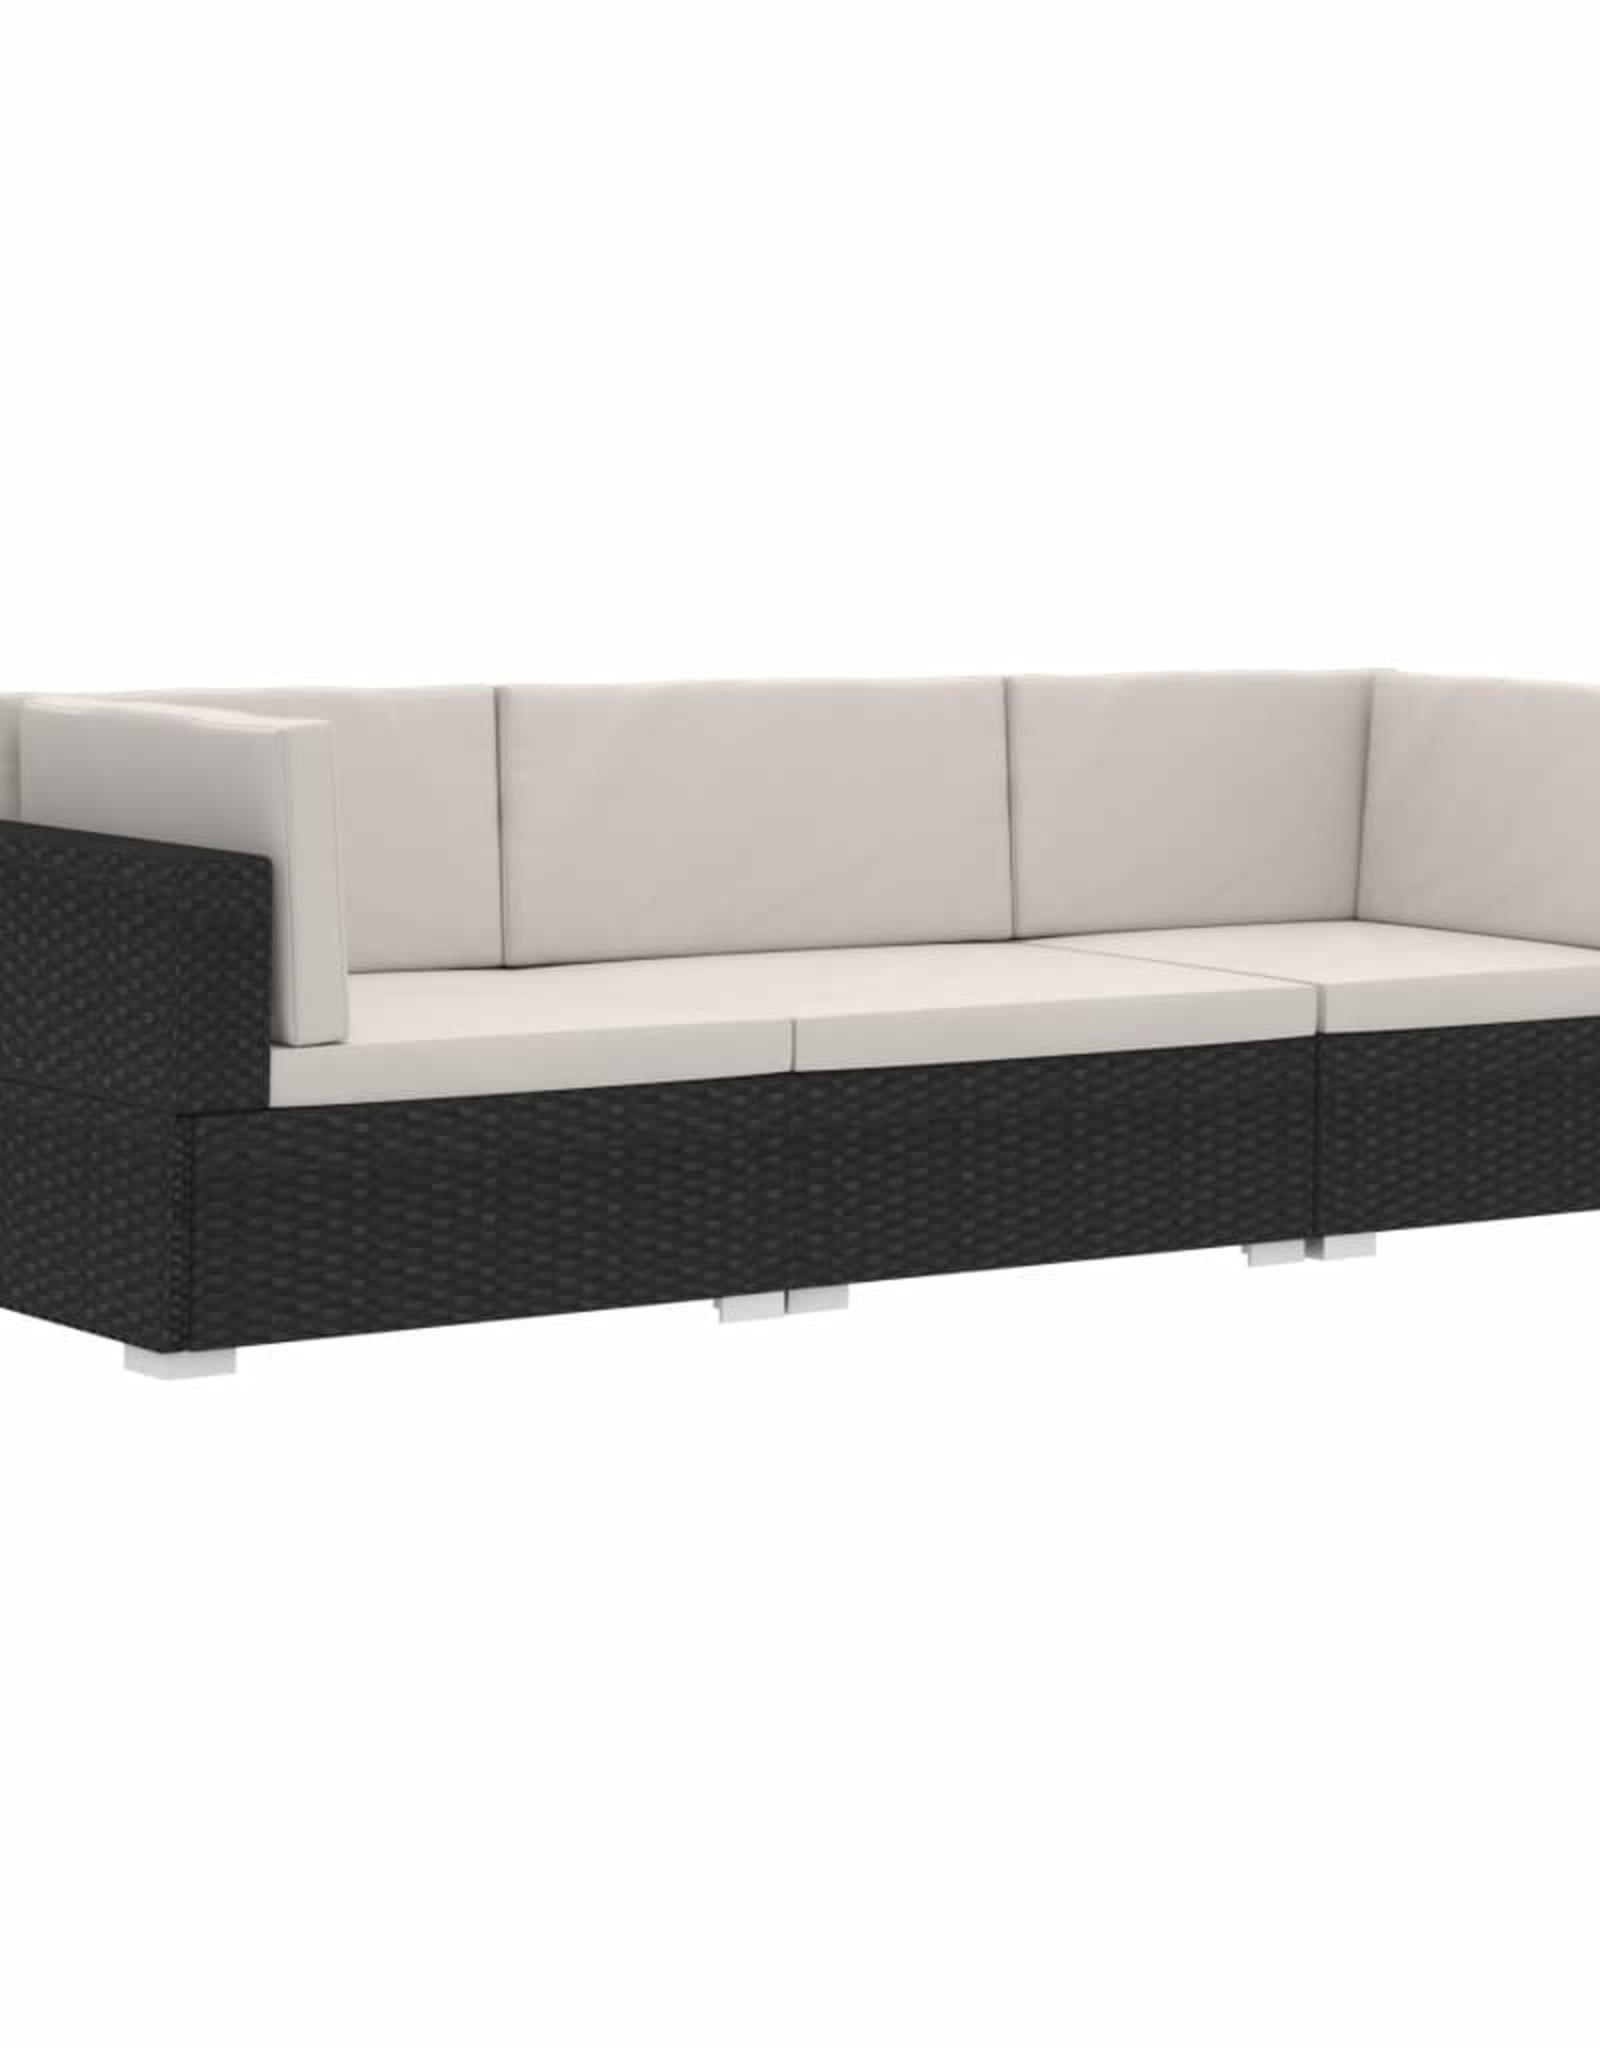 vidaXL 3-delige Loungeset met kussens poly rattan zwart